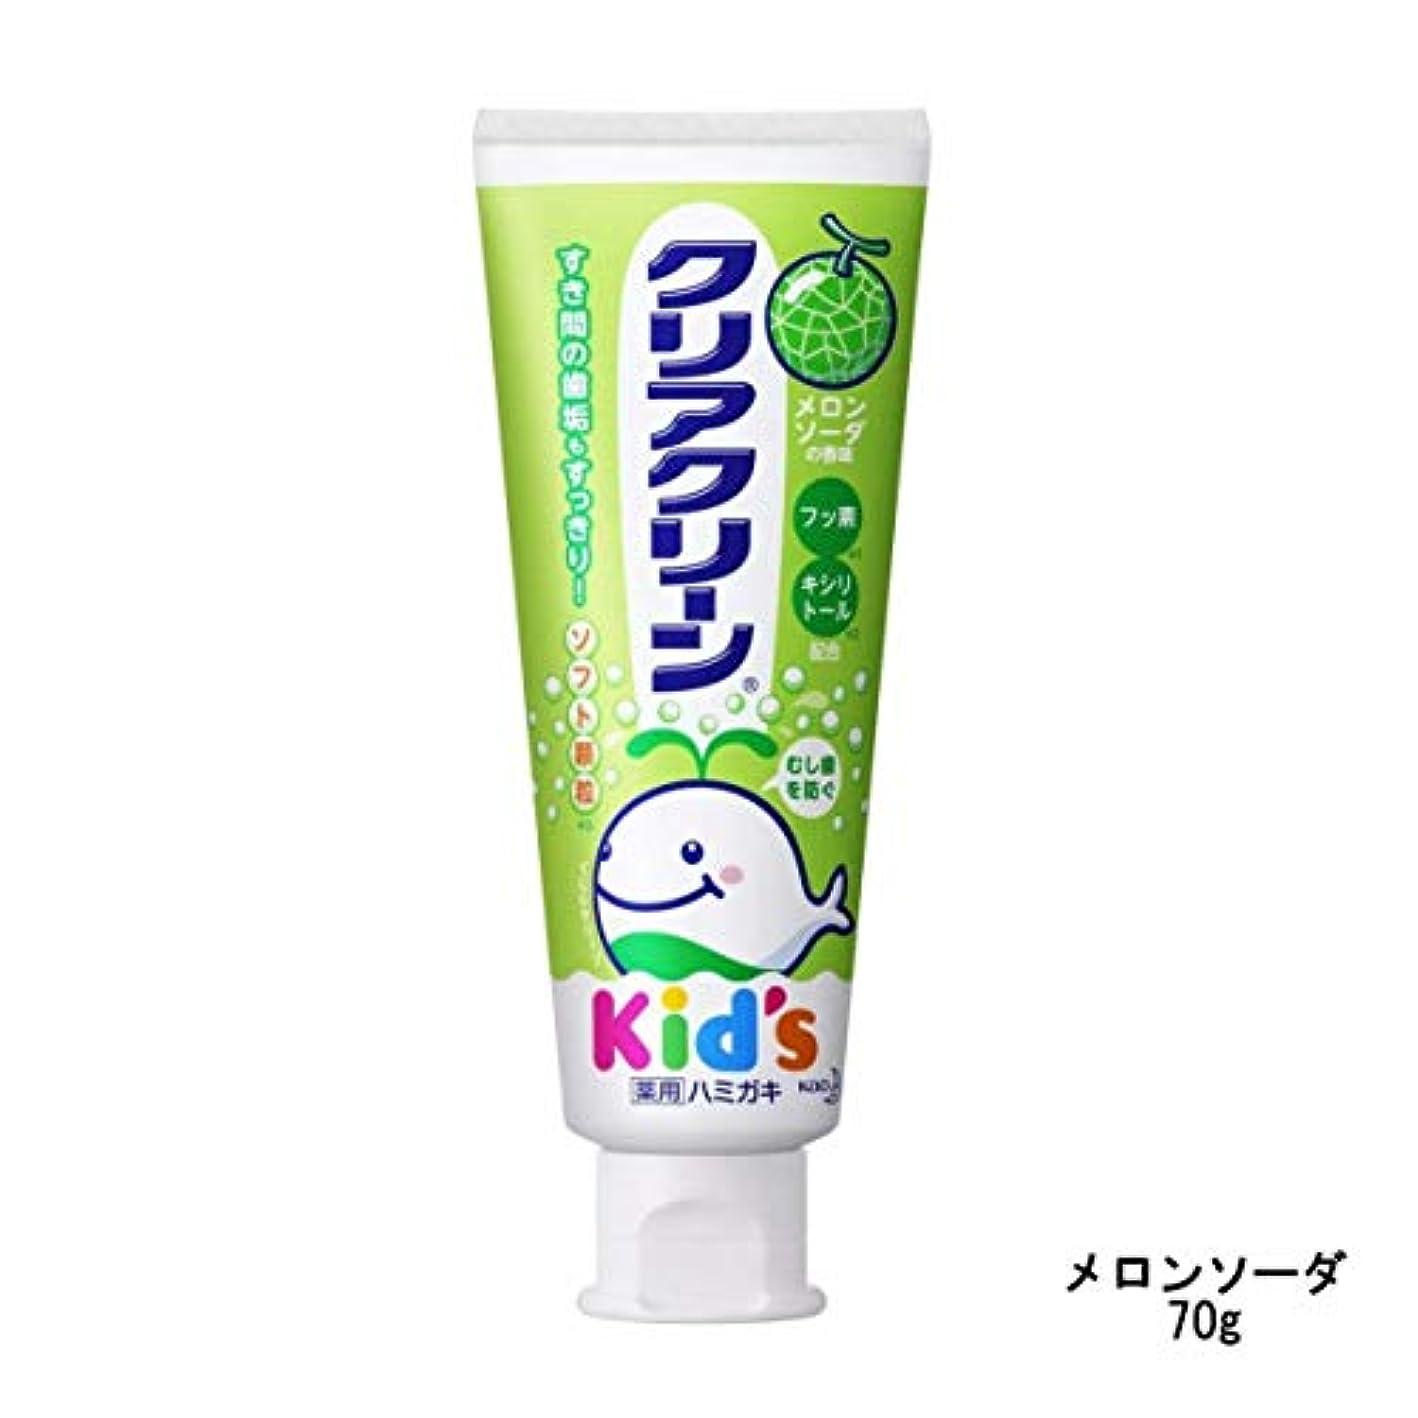 のみ環境保護主義者非行花王 クリアクリーンキッズ メロンソーダ 70G (医薬部外品)